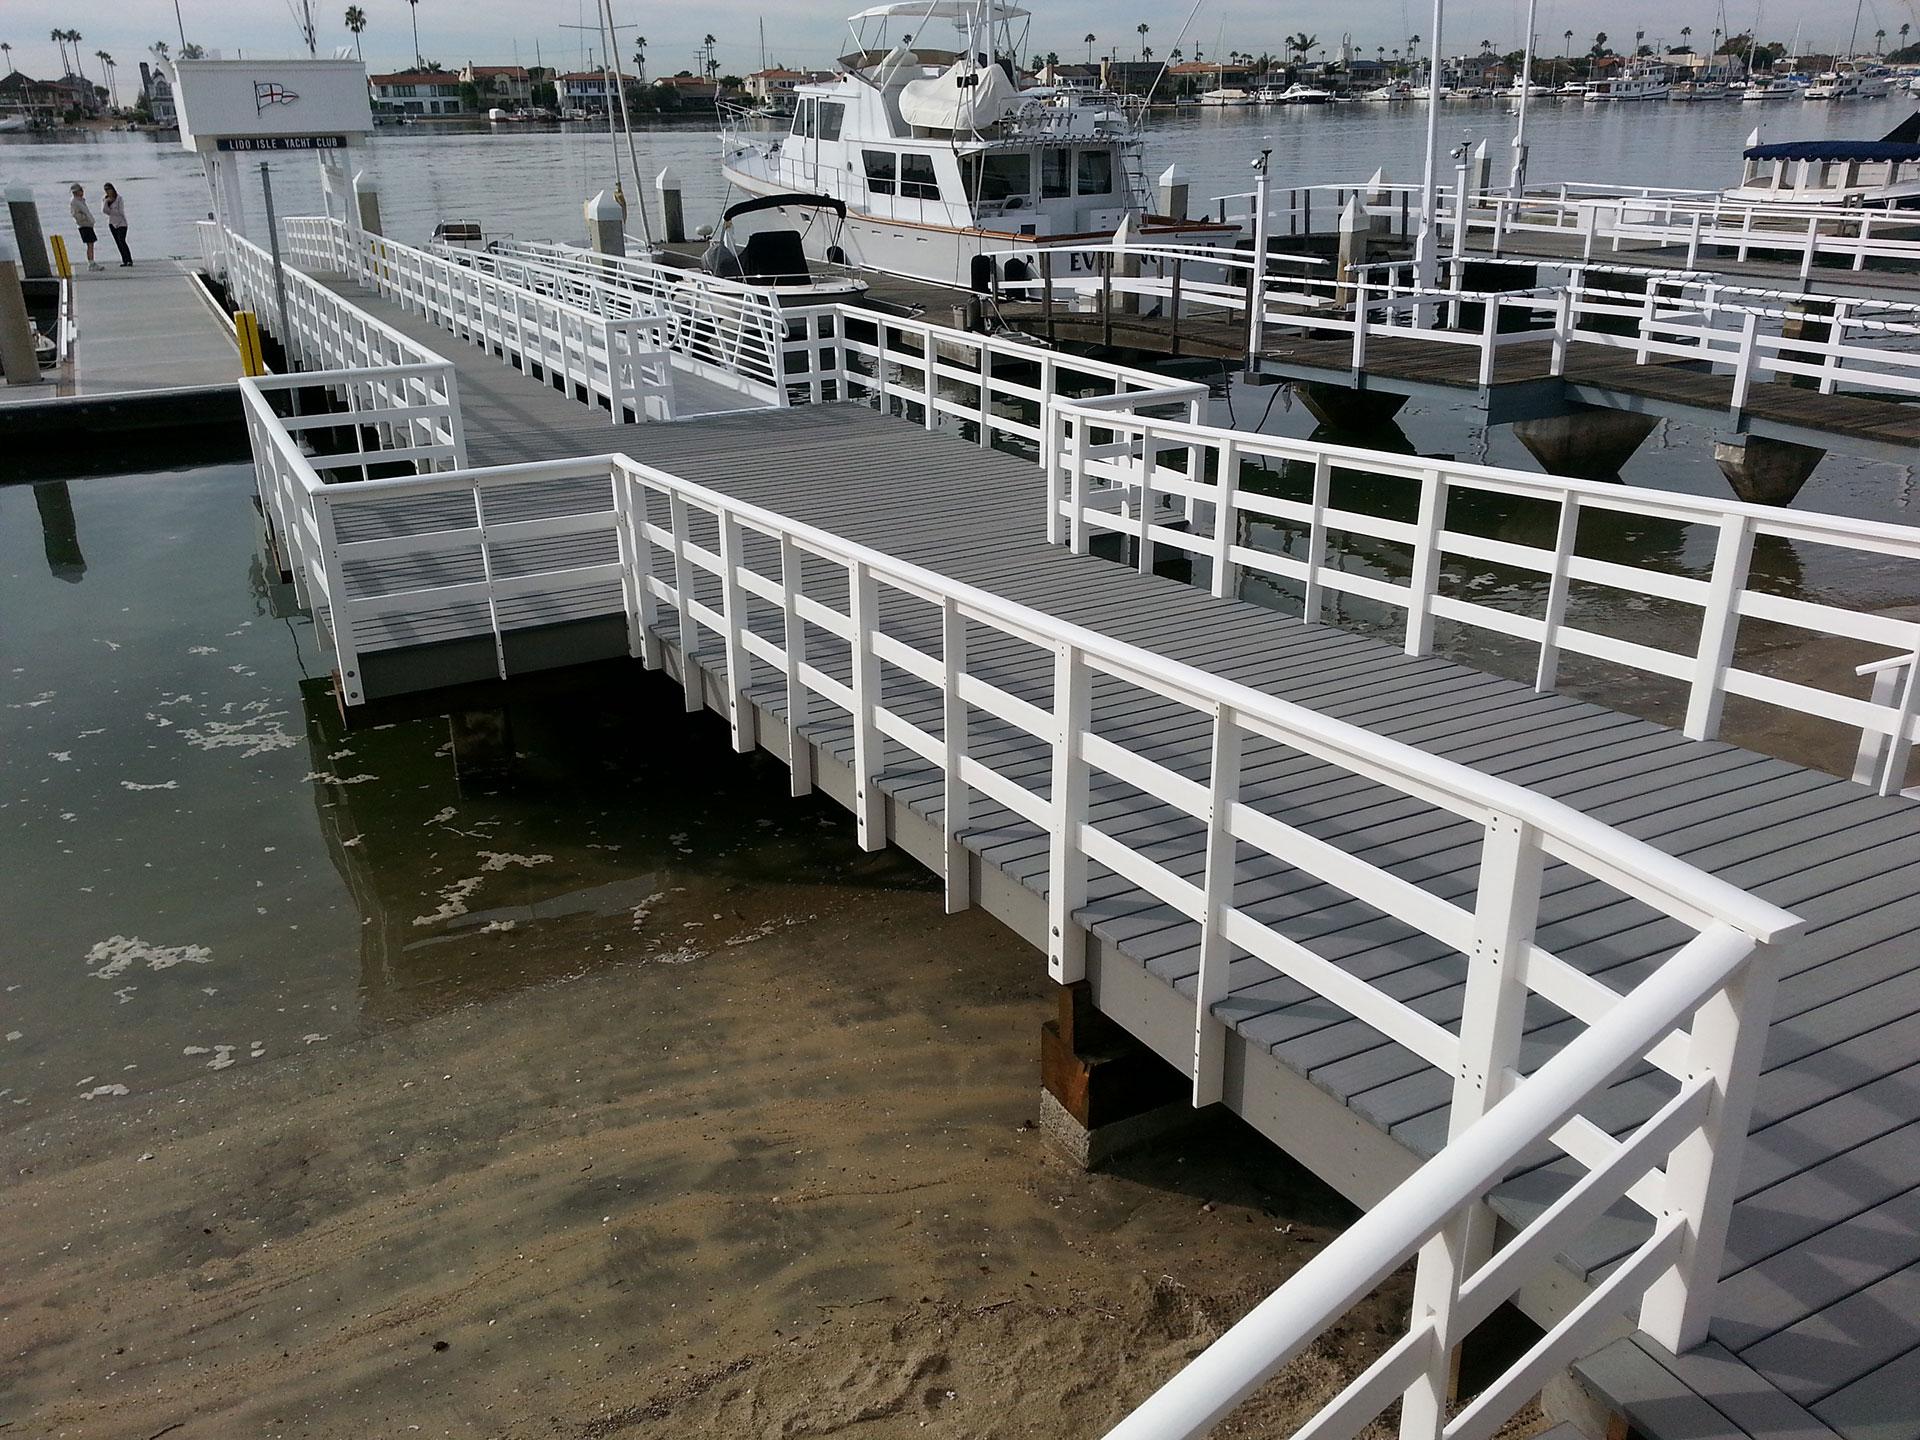 DuxxBak Dock and Marine Inspiration image showing dock and walkway